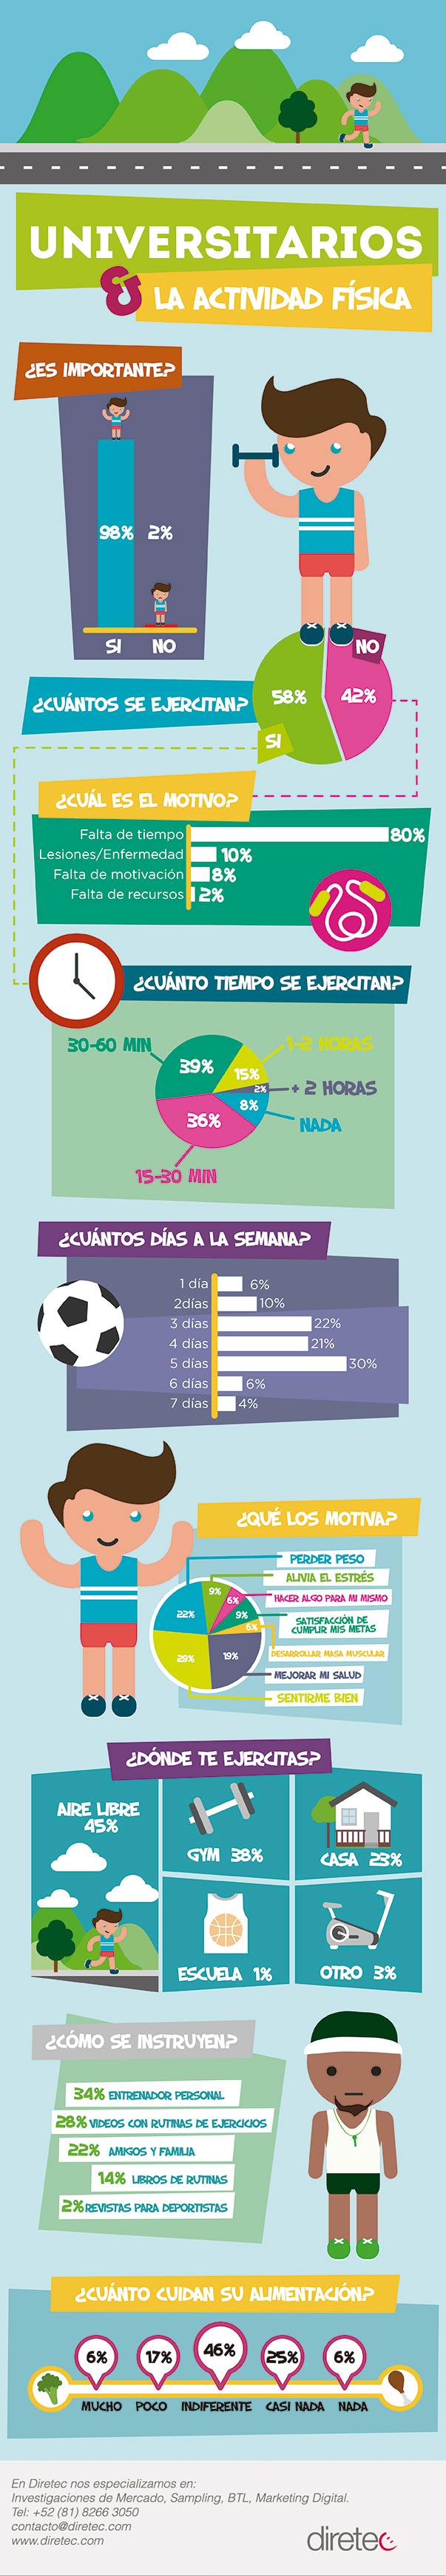 Universitarios y la actividad física_1